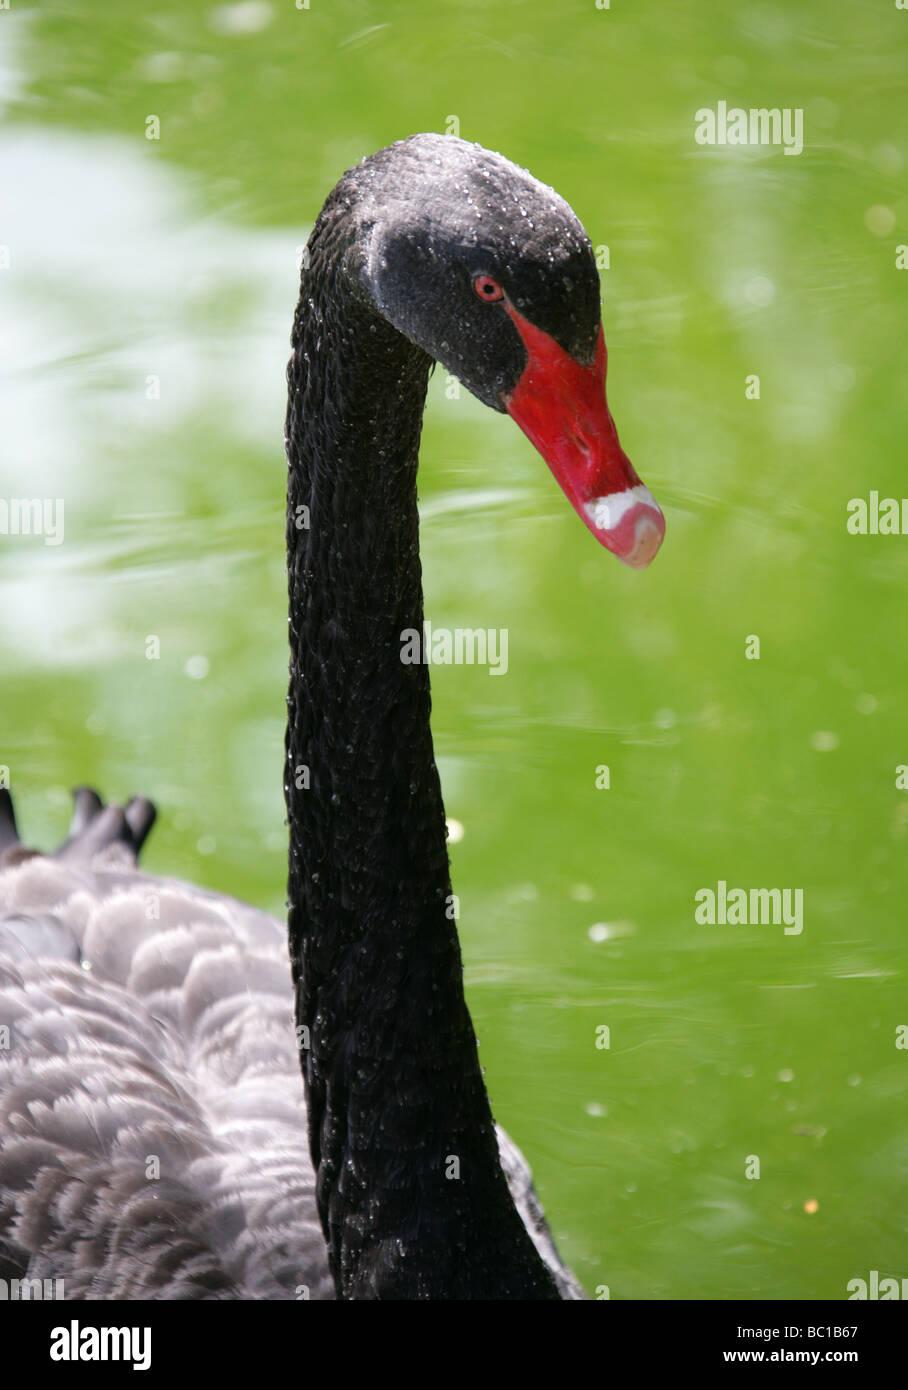 Black Swan, Cygnus atratus, Anatidae - Stock Image